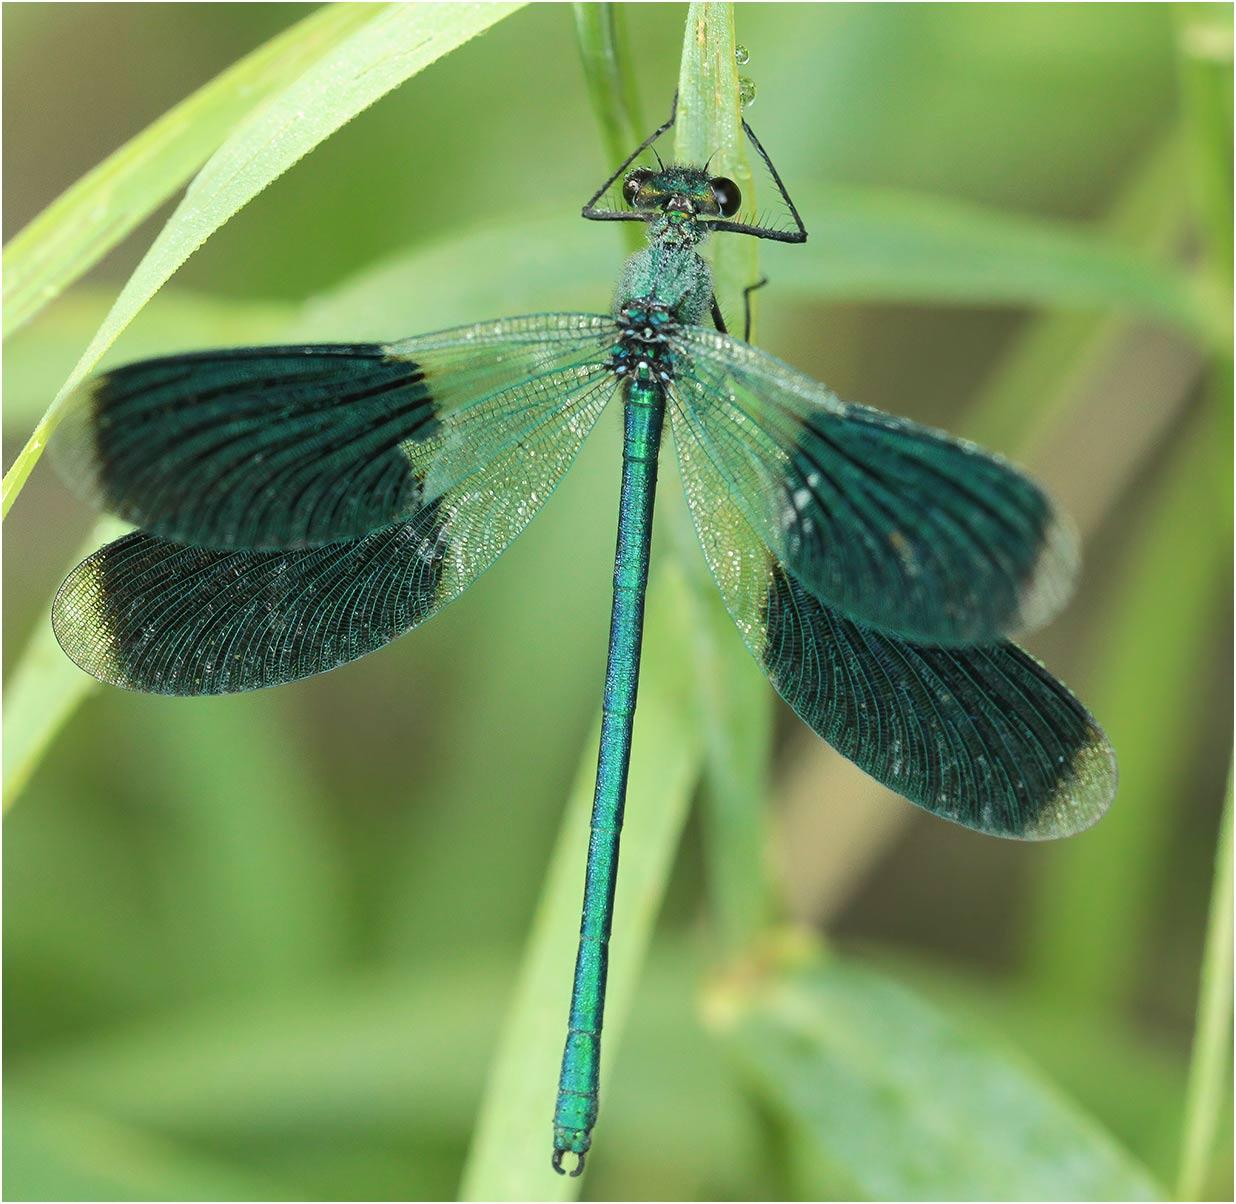 Calopteryx splendens mâle, Le Fief Sauvin (France-49), 21/07/2012